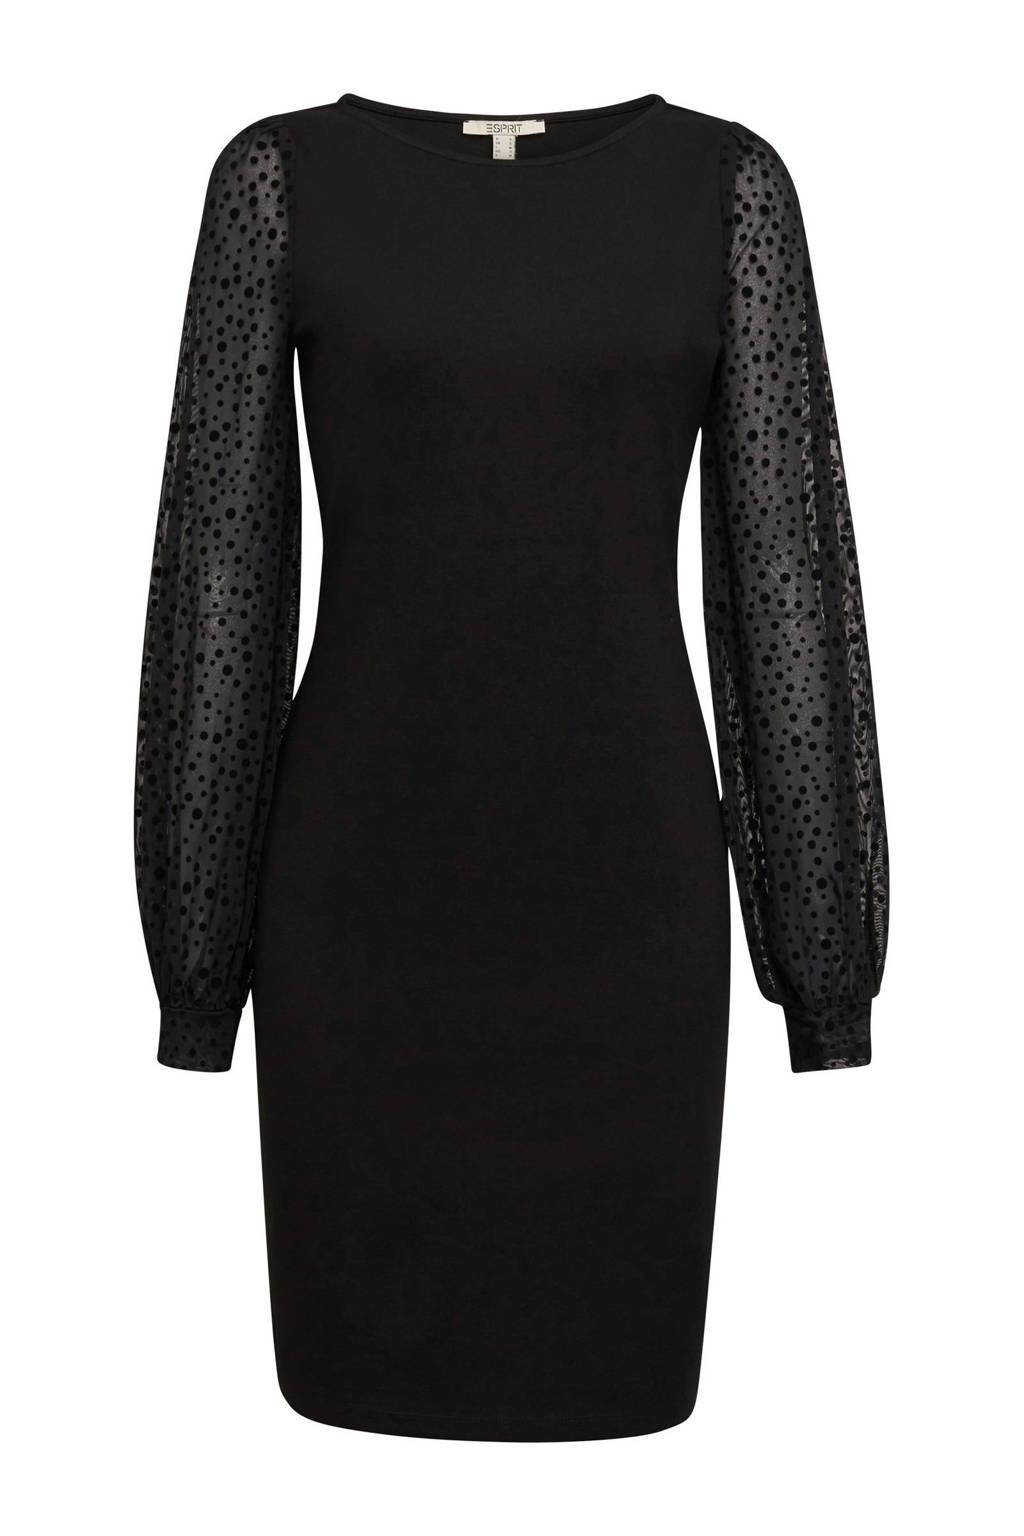 ESPRIT Women Casual semi-transparante jurk zwart, Zwart